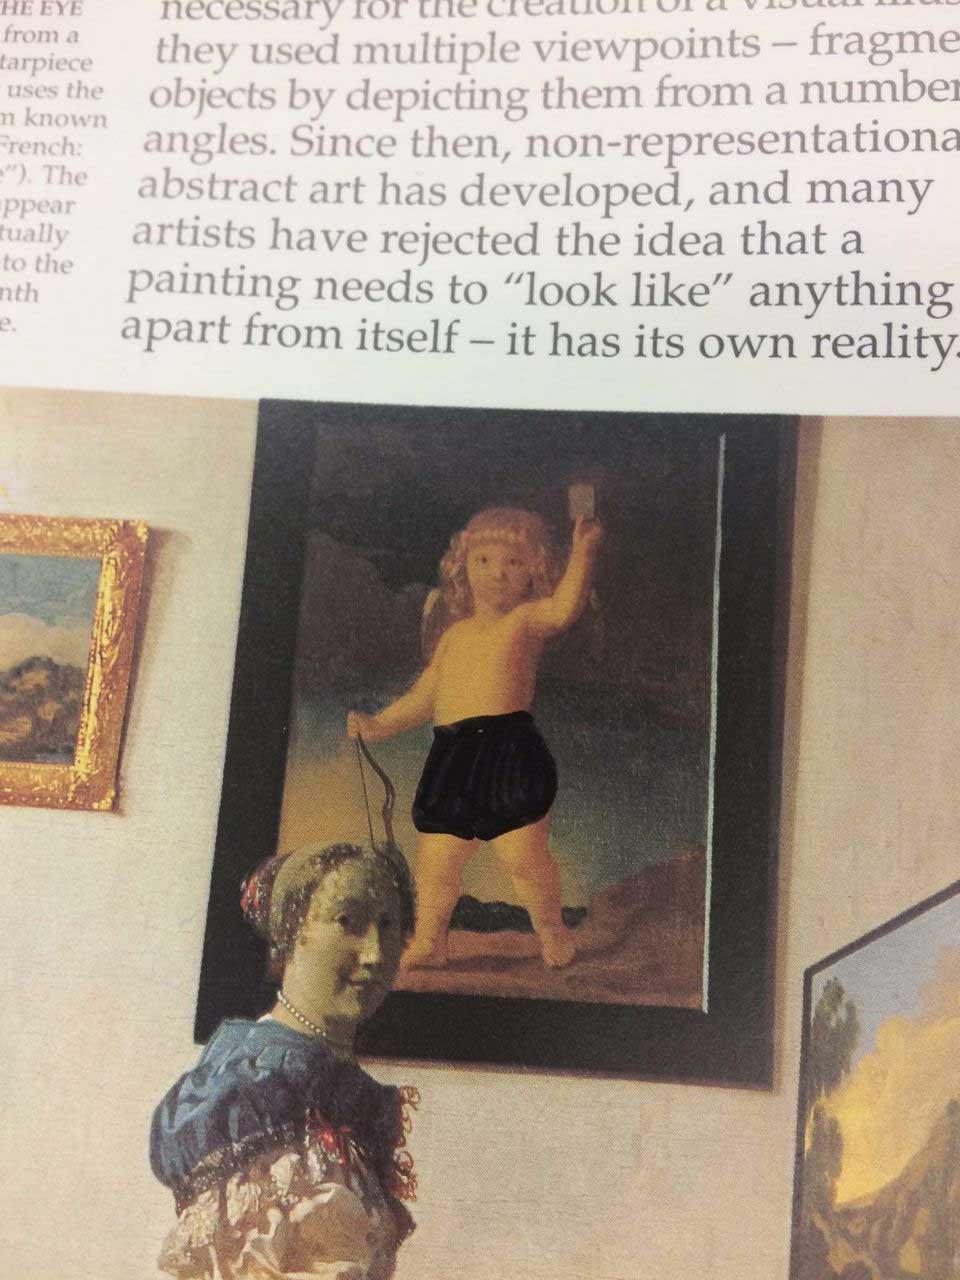 So absurd wurde ein Kunstbuch in einer christlichen Schule zensiert looking-at-paintings-christliche-zensur_05